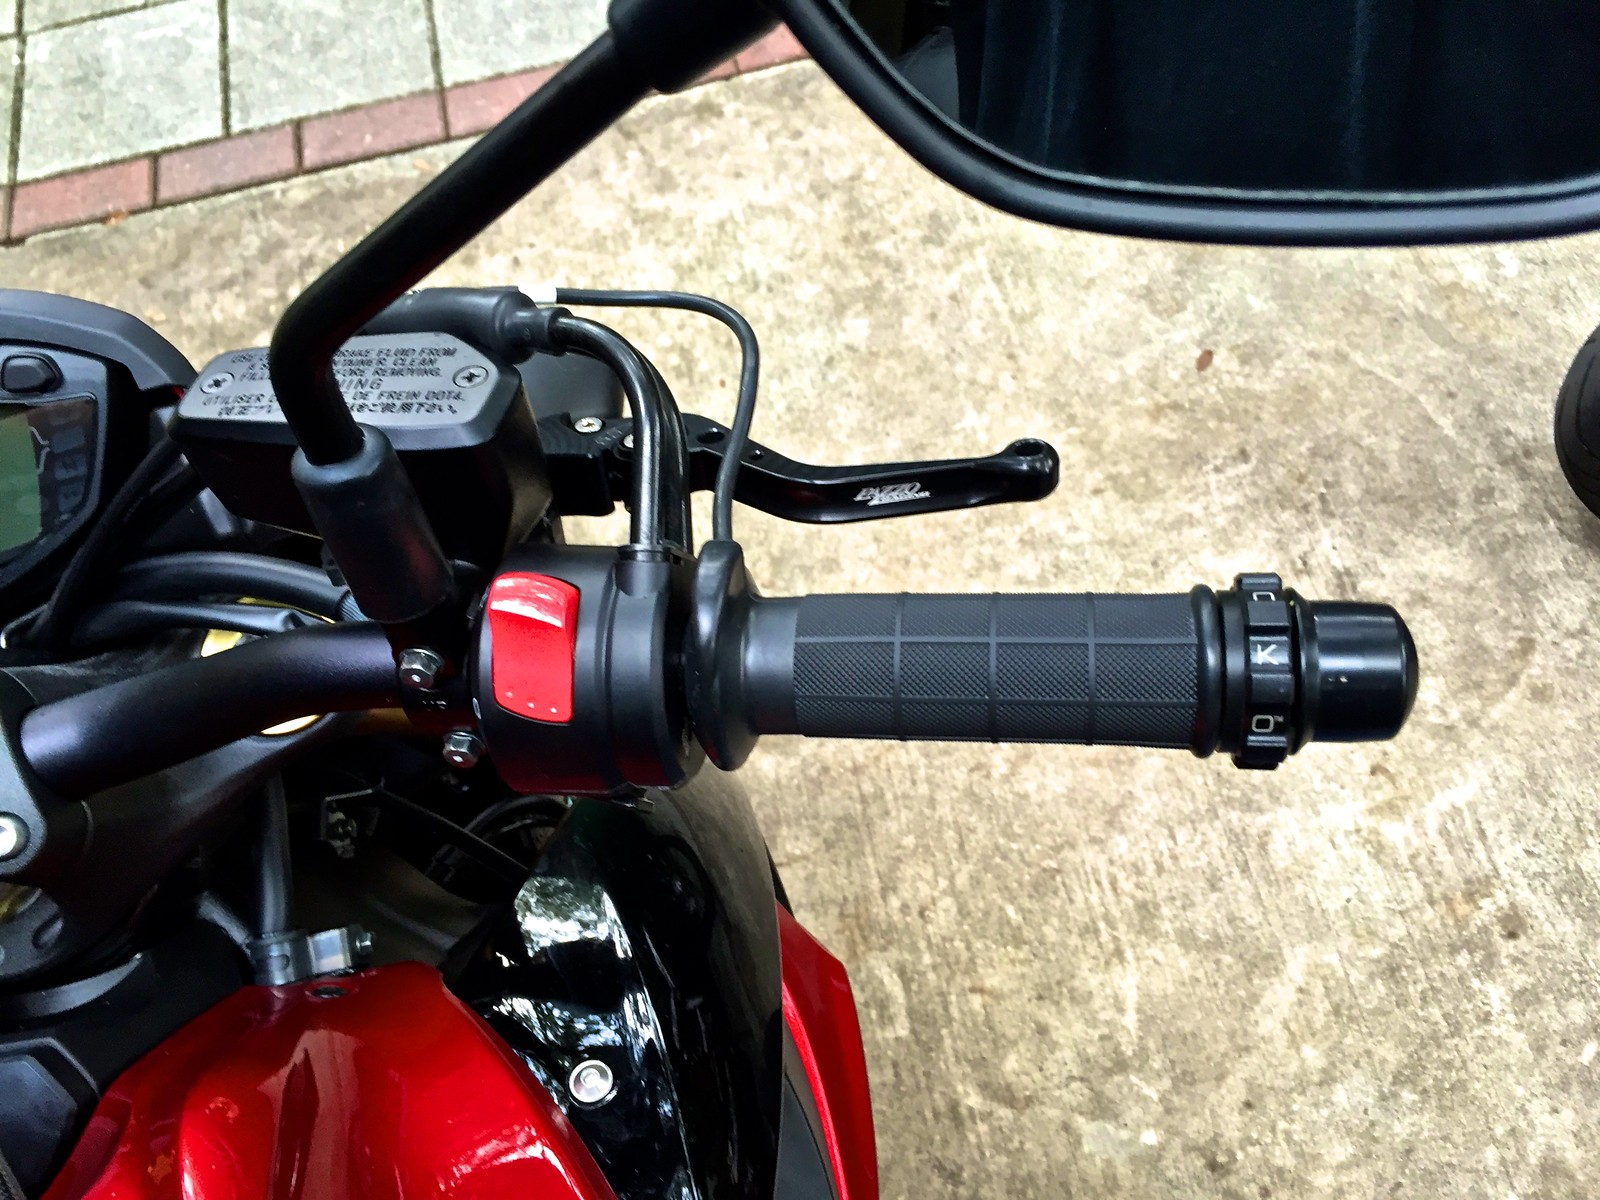 Heated Grip Install Suzuki Gsxs1000 Forum 2015 Harley Grips Wiring Diagram Img 7257 By Matthew Fields On Flickr